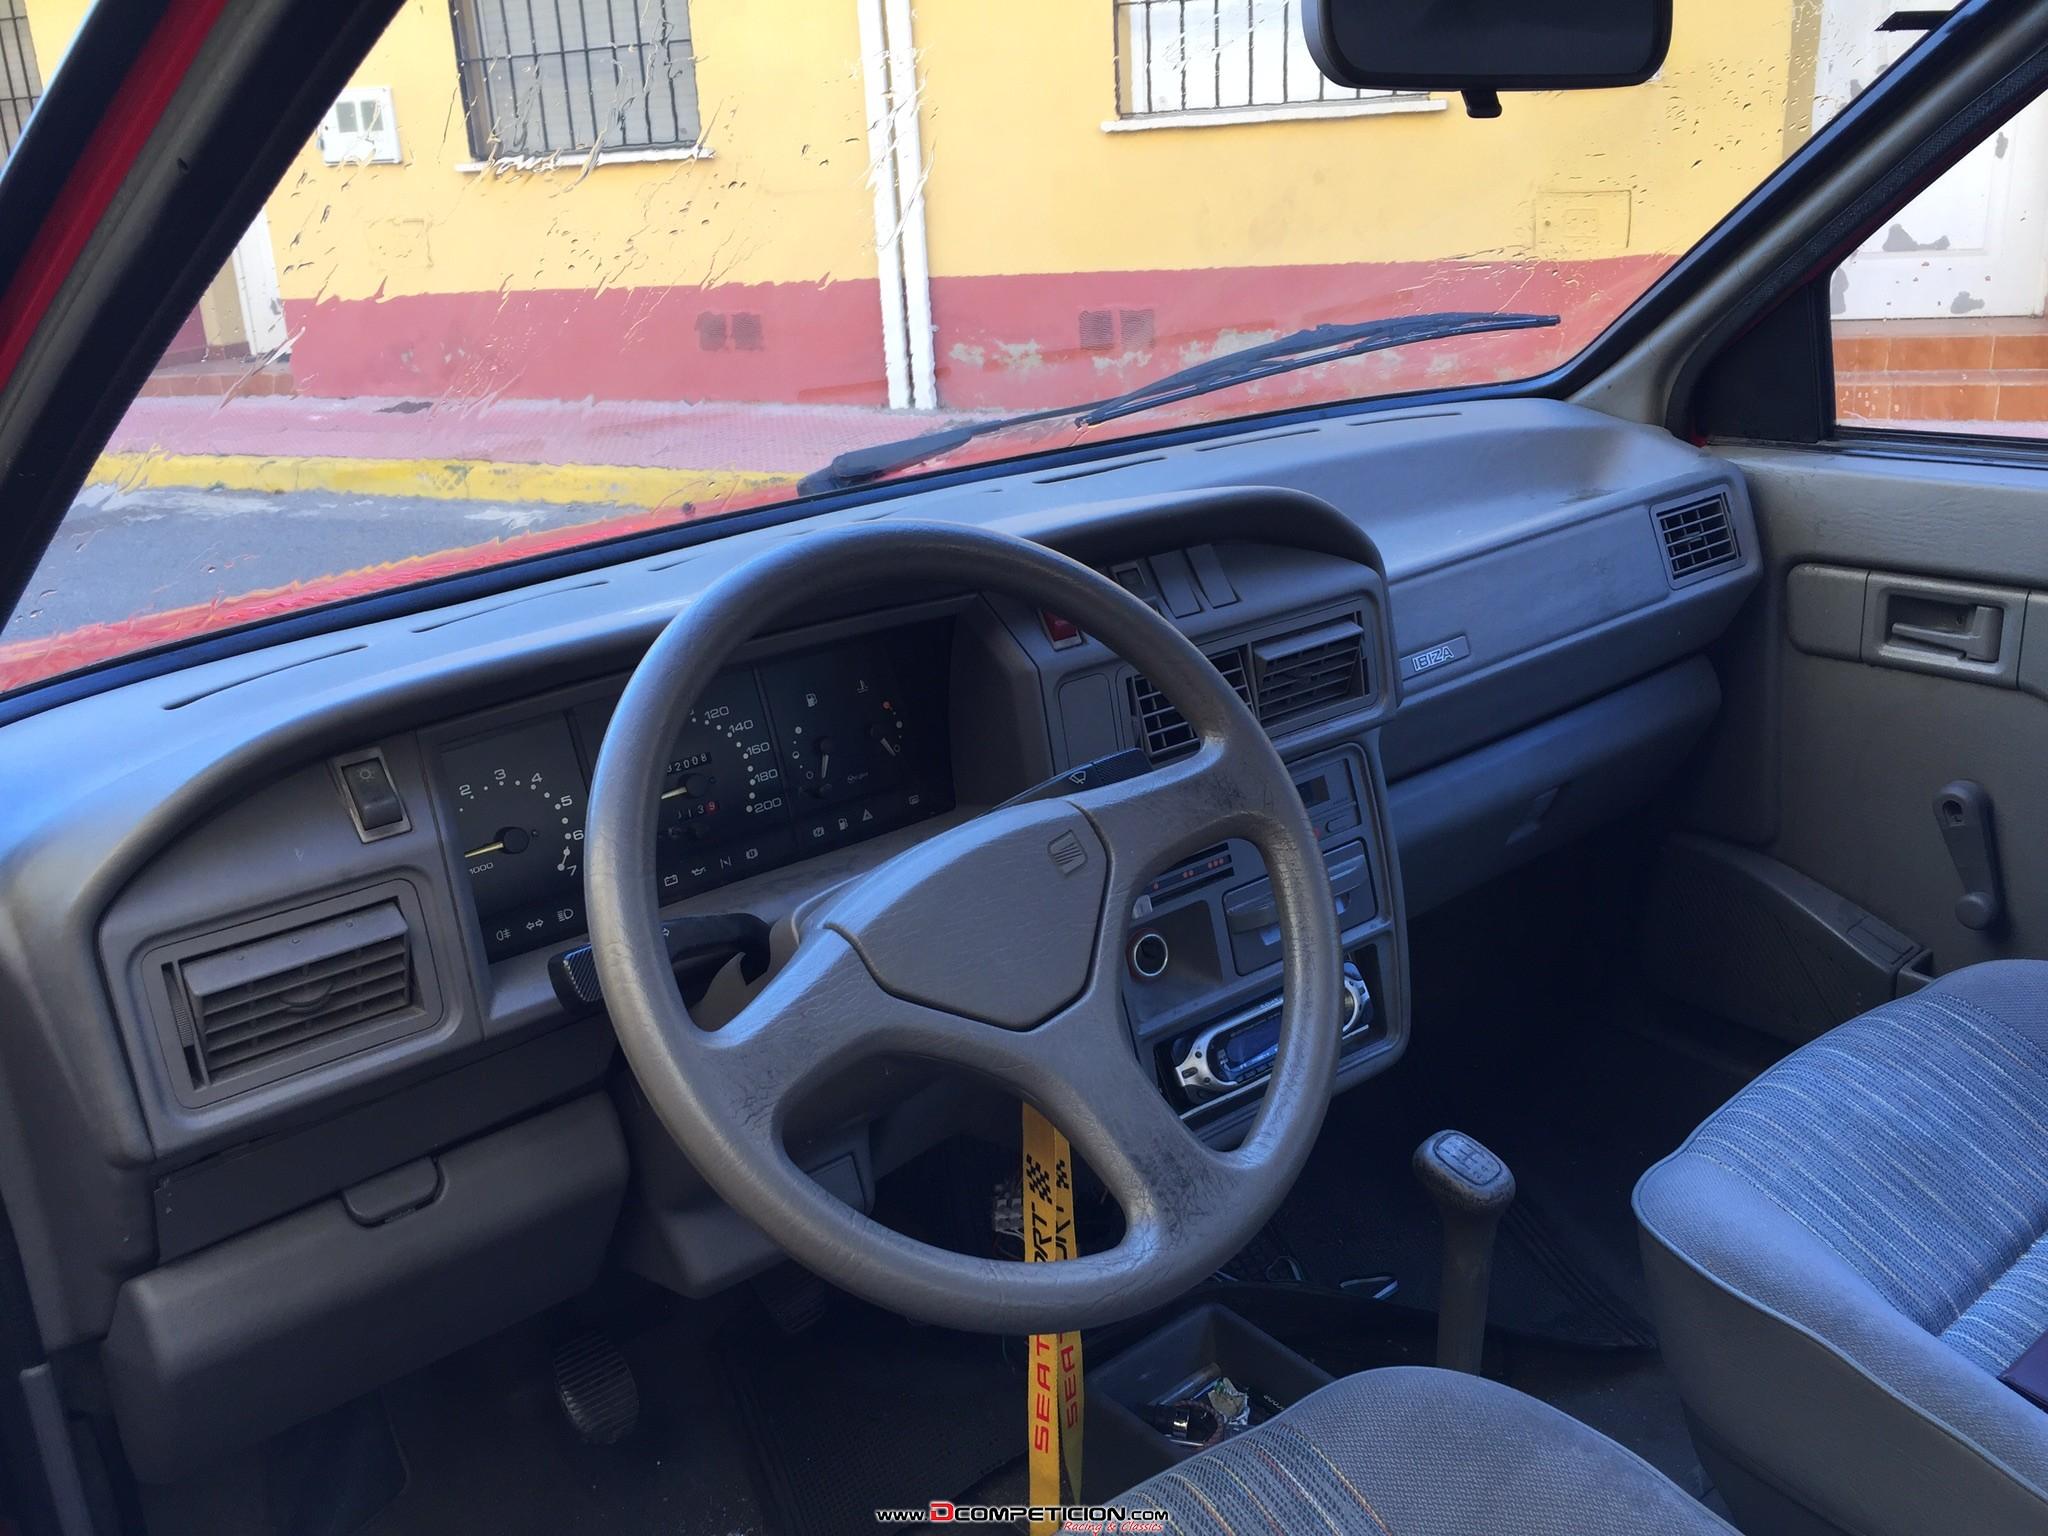 Foto6 Seat Ibiza clx 1.5 System Porsche